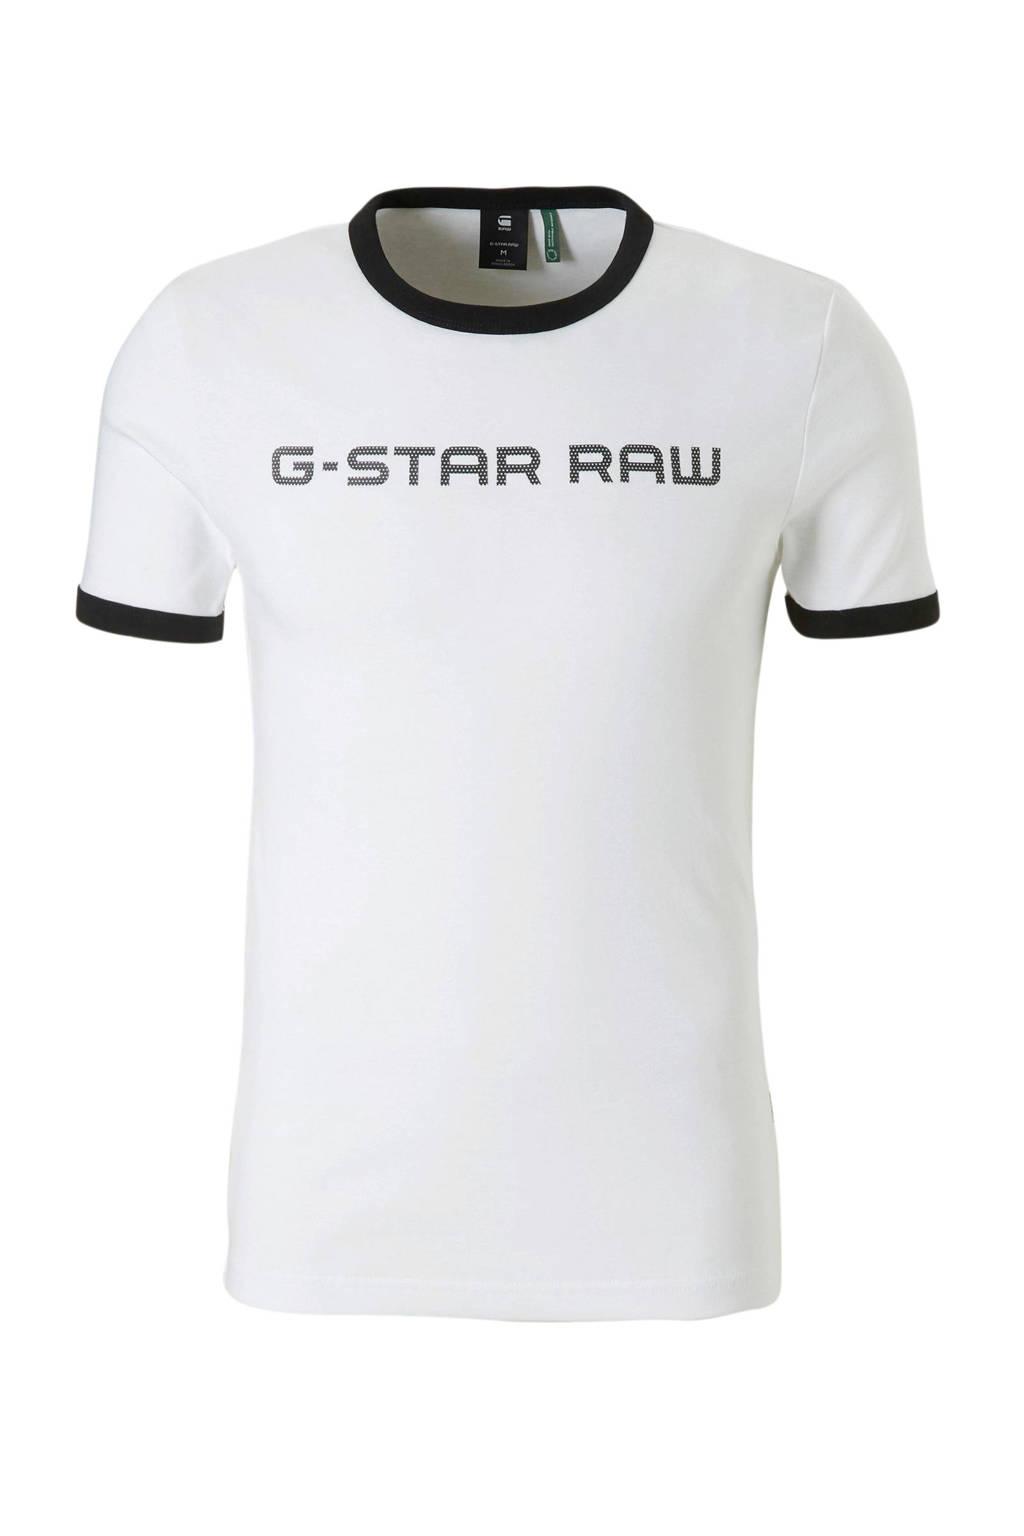 G-Star RAW T-shirt Xemoj, Wit